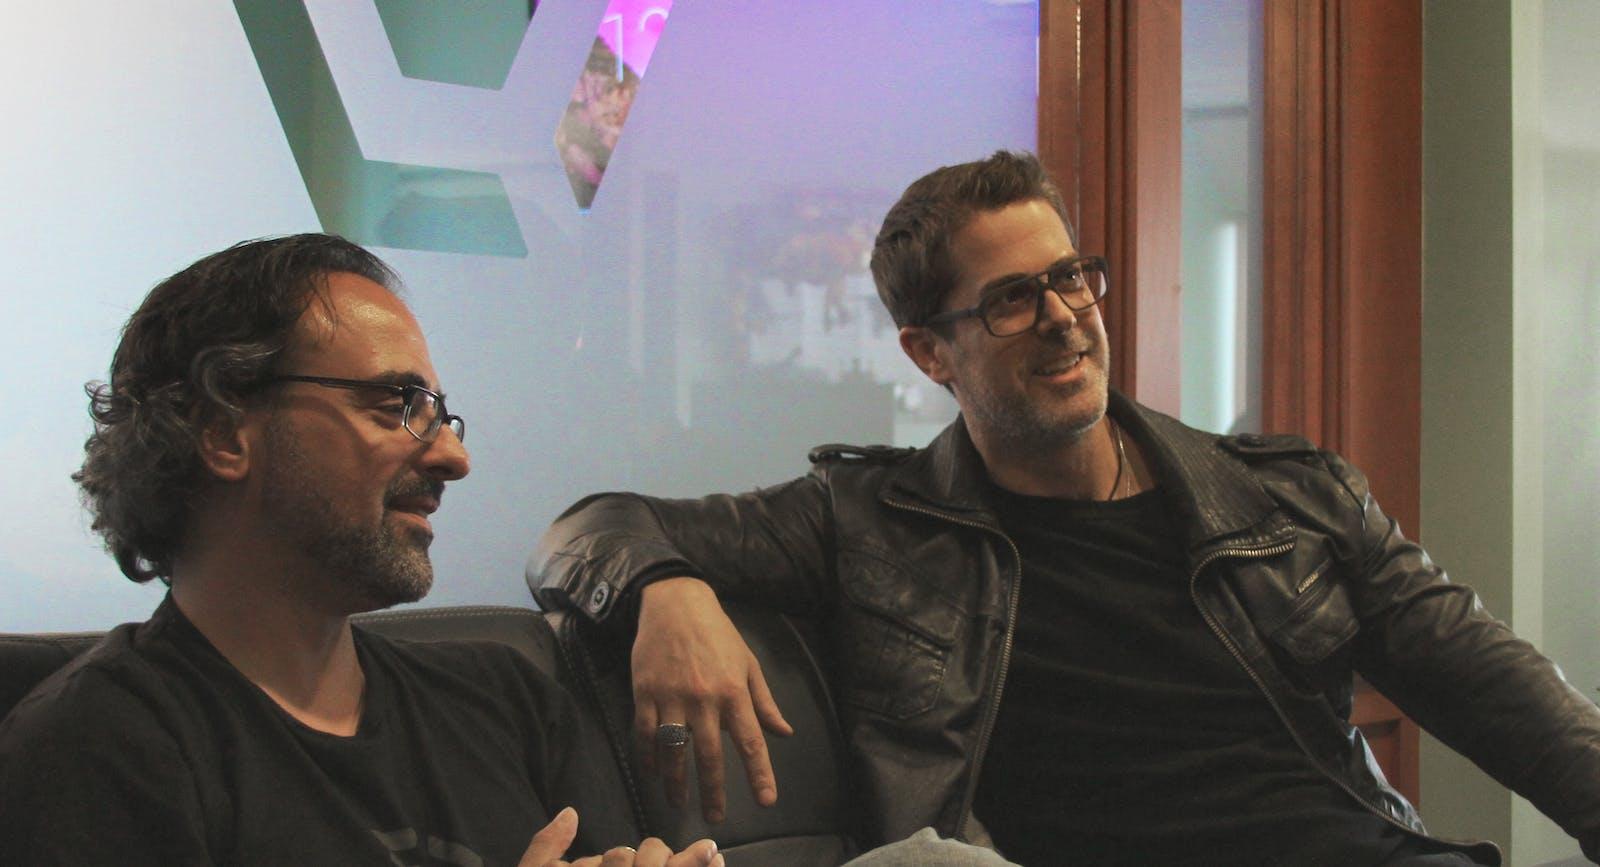 Cyanogen co-founders Steve Kondik, left, and Kirt McMaster. Photo by Cyanogen